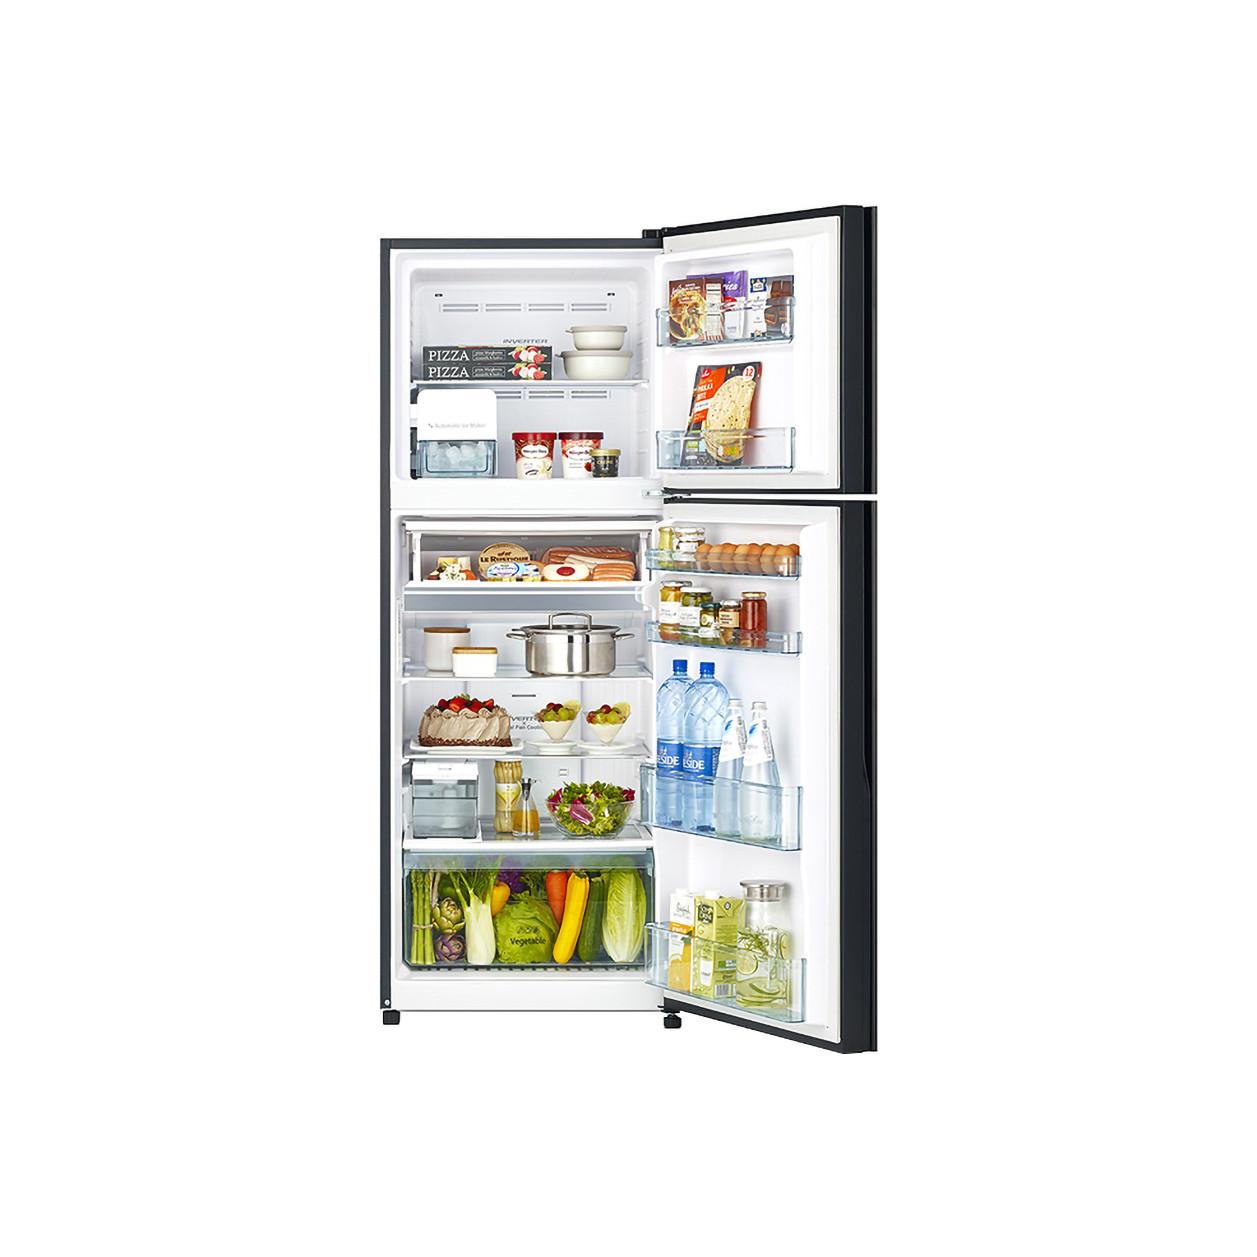 Tủ lạnh Hitachi Inverter 349 lít R-FVY480PGV0(GBK) Model 2020 -Hàng chính hãng (chỉ giao HCM)